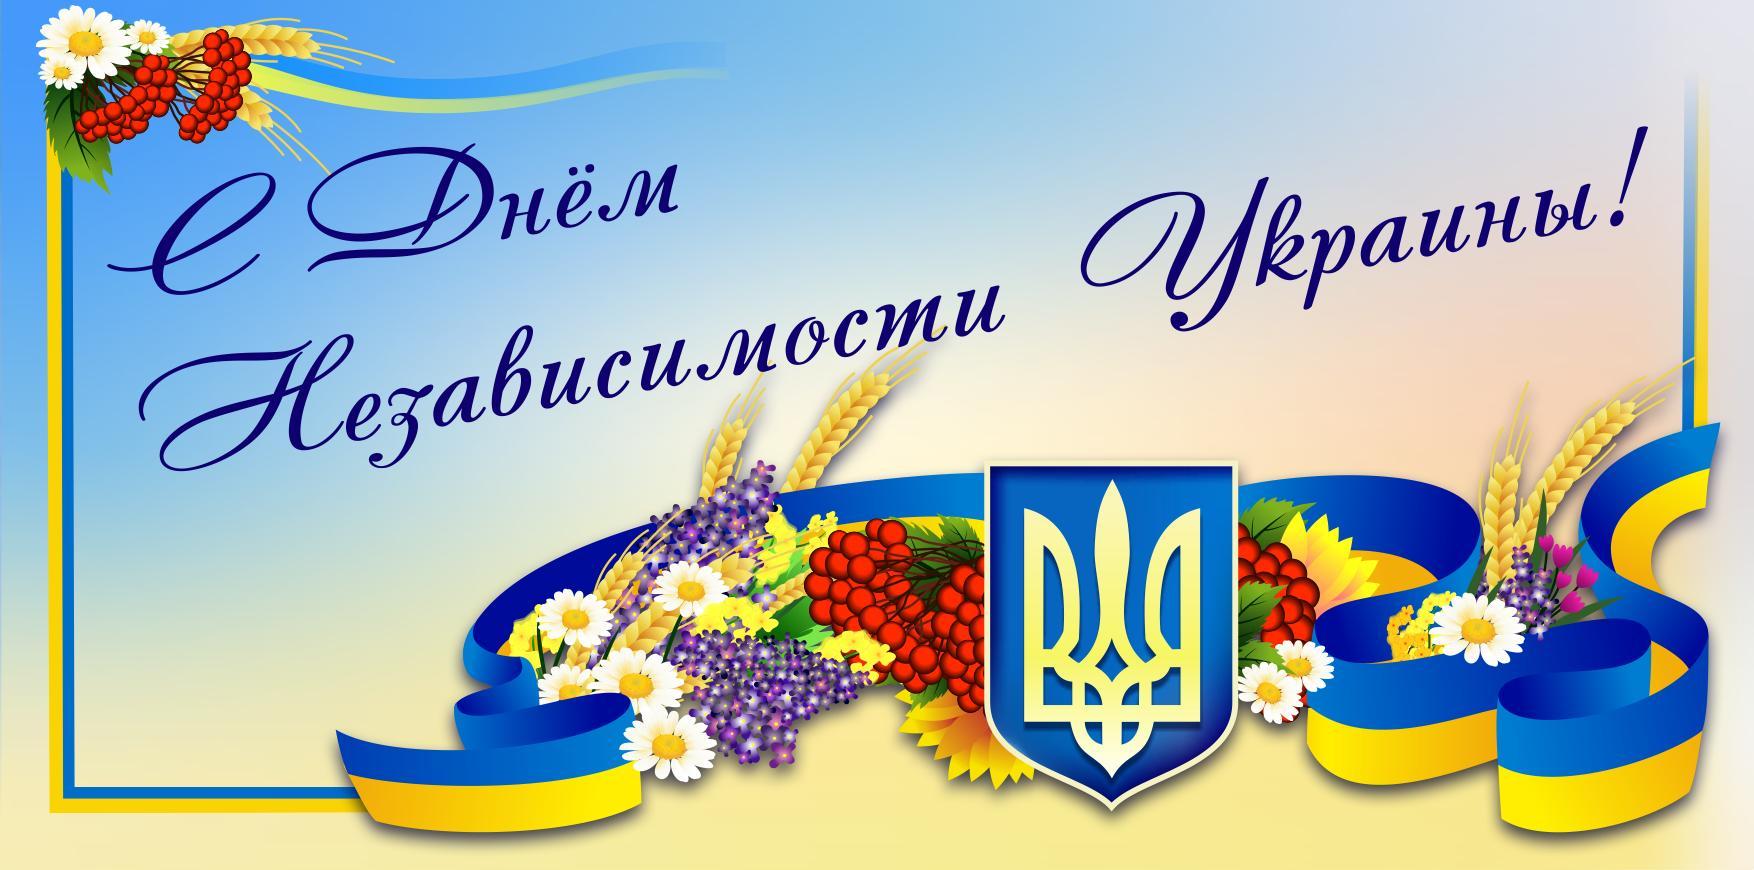 Тишина приколы, картинки с днем независимости украины 2018